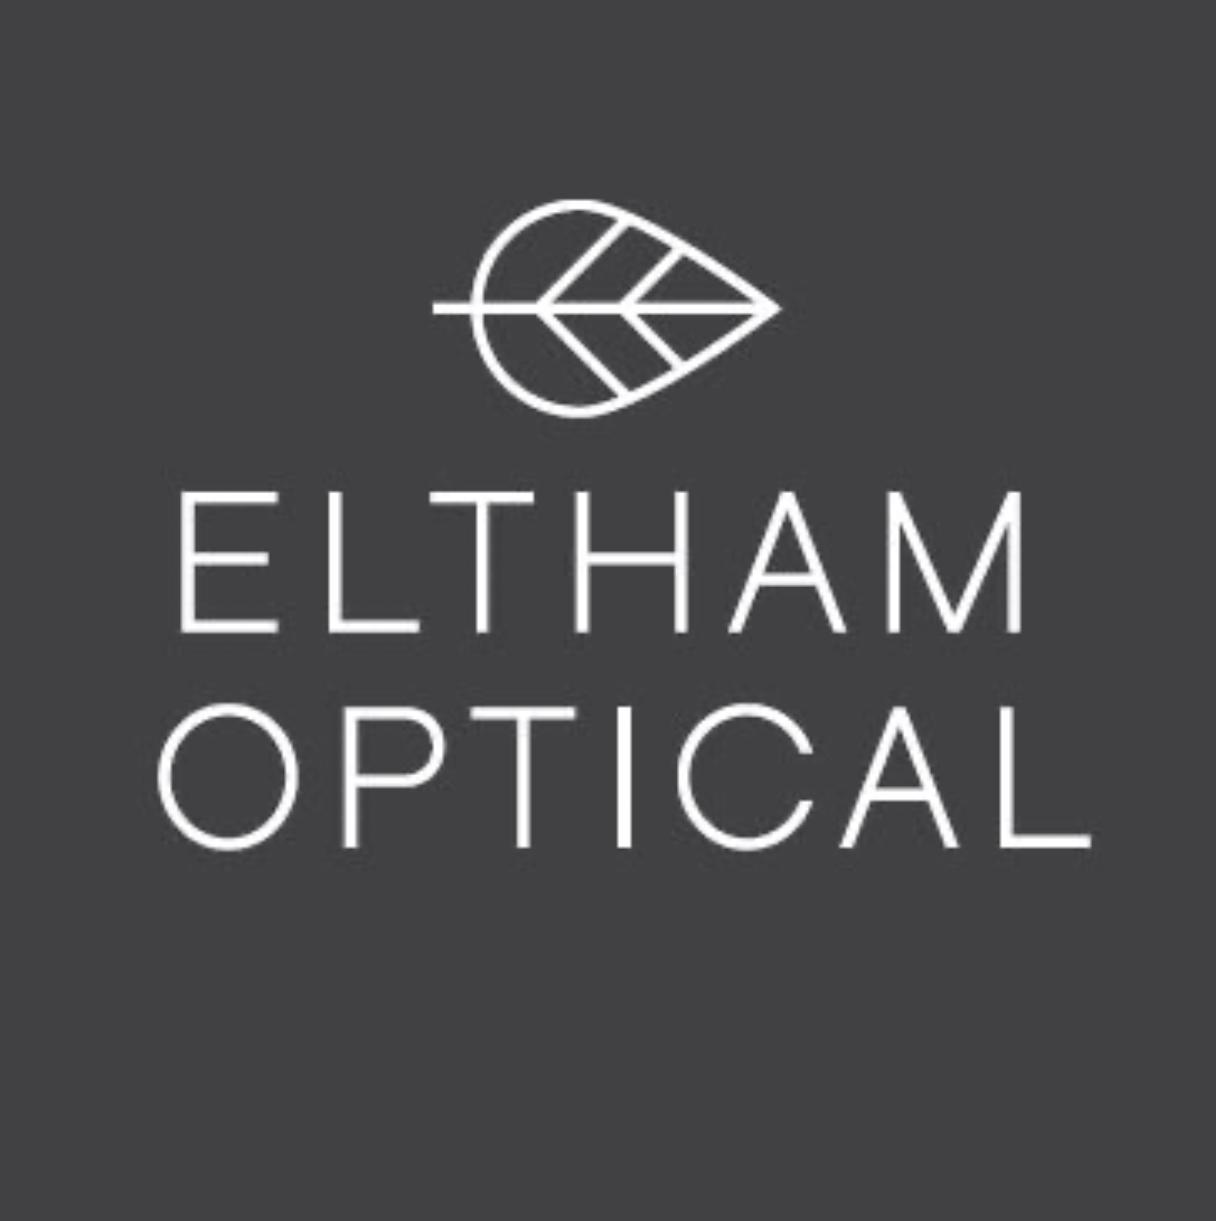 Eltham Optical